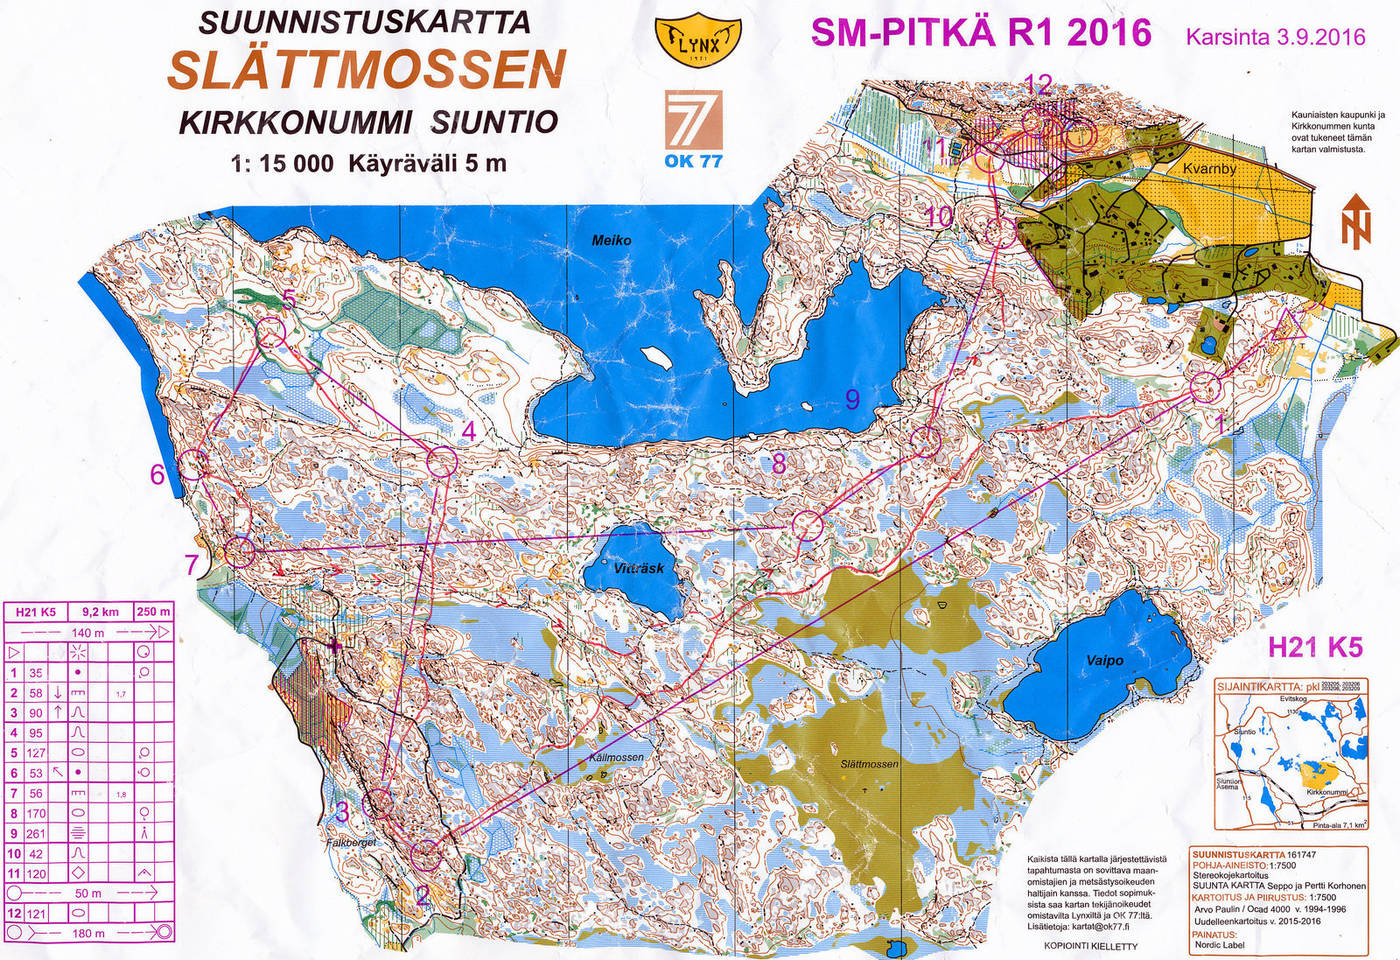 My Doma Digitaalinen Kartta Arkisto Sm Pitkan Karsinta H21k5